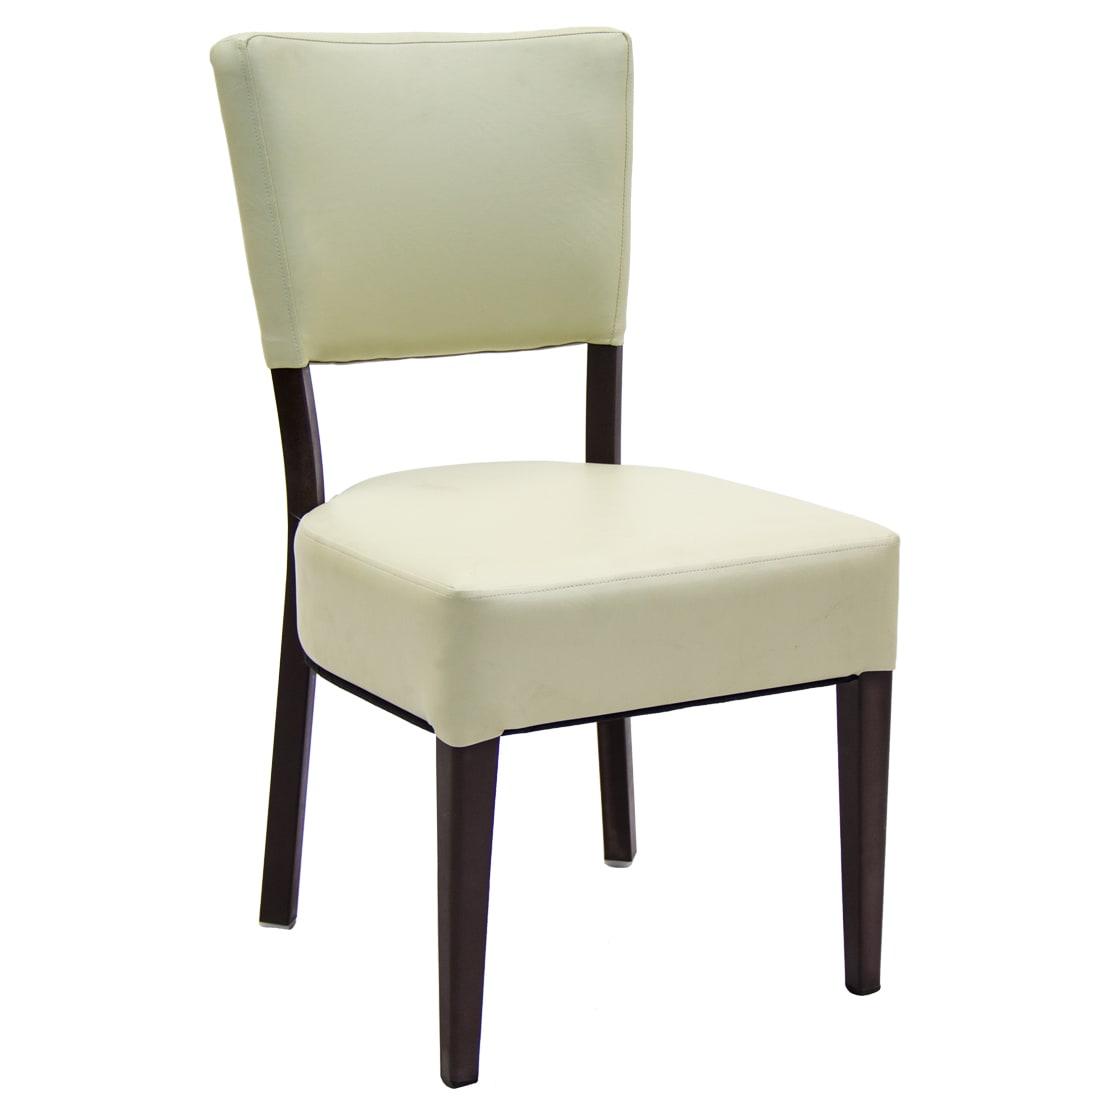 Lumme Metal Chair in Ivory Vinyl